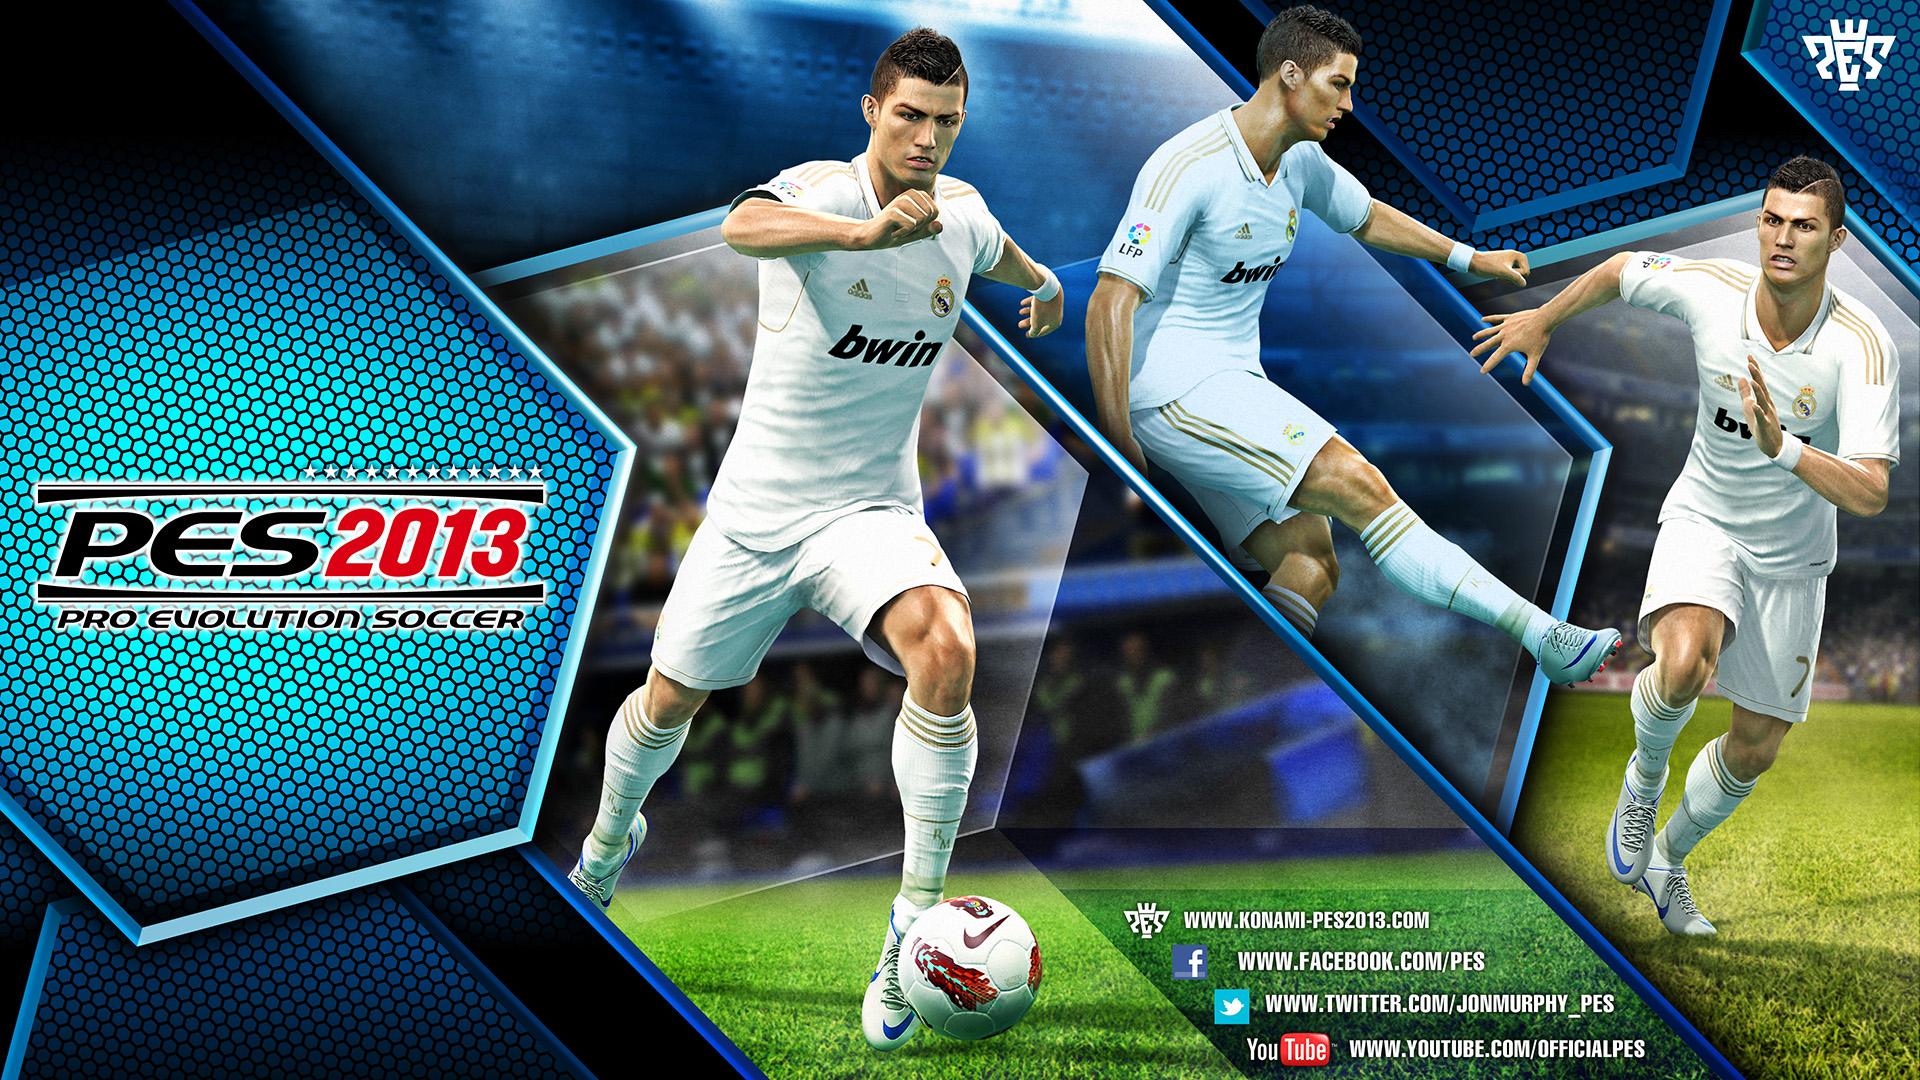 PES Pro Evolution Soccer 2013 Free Setup Download